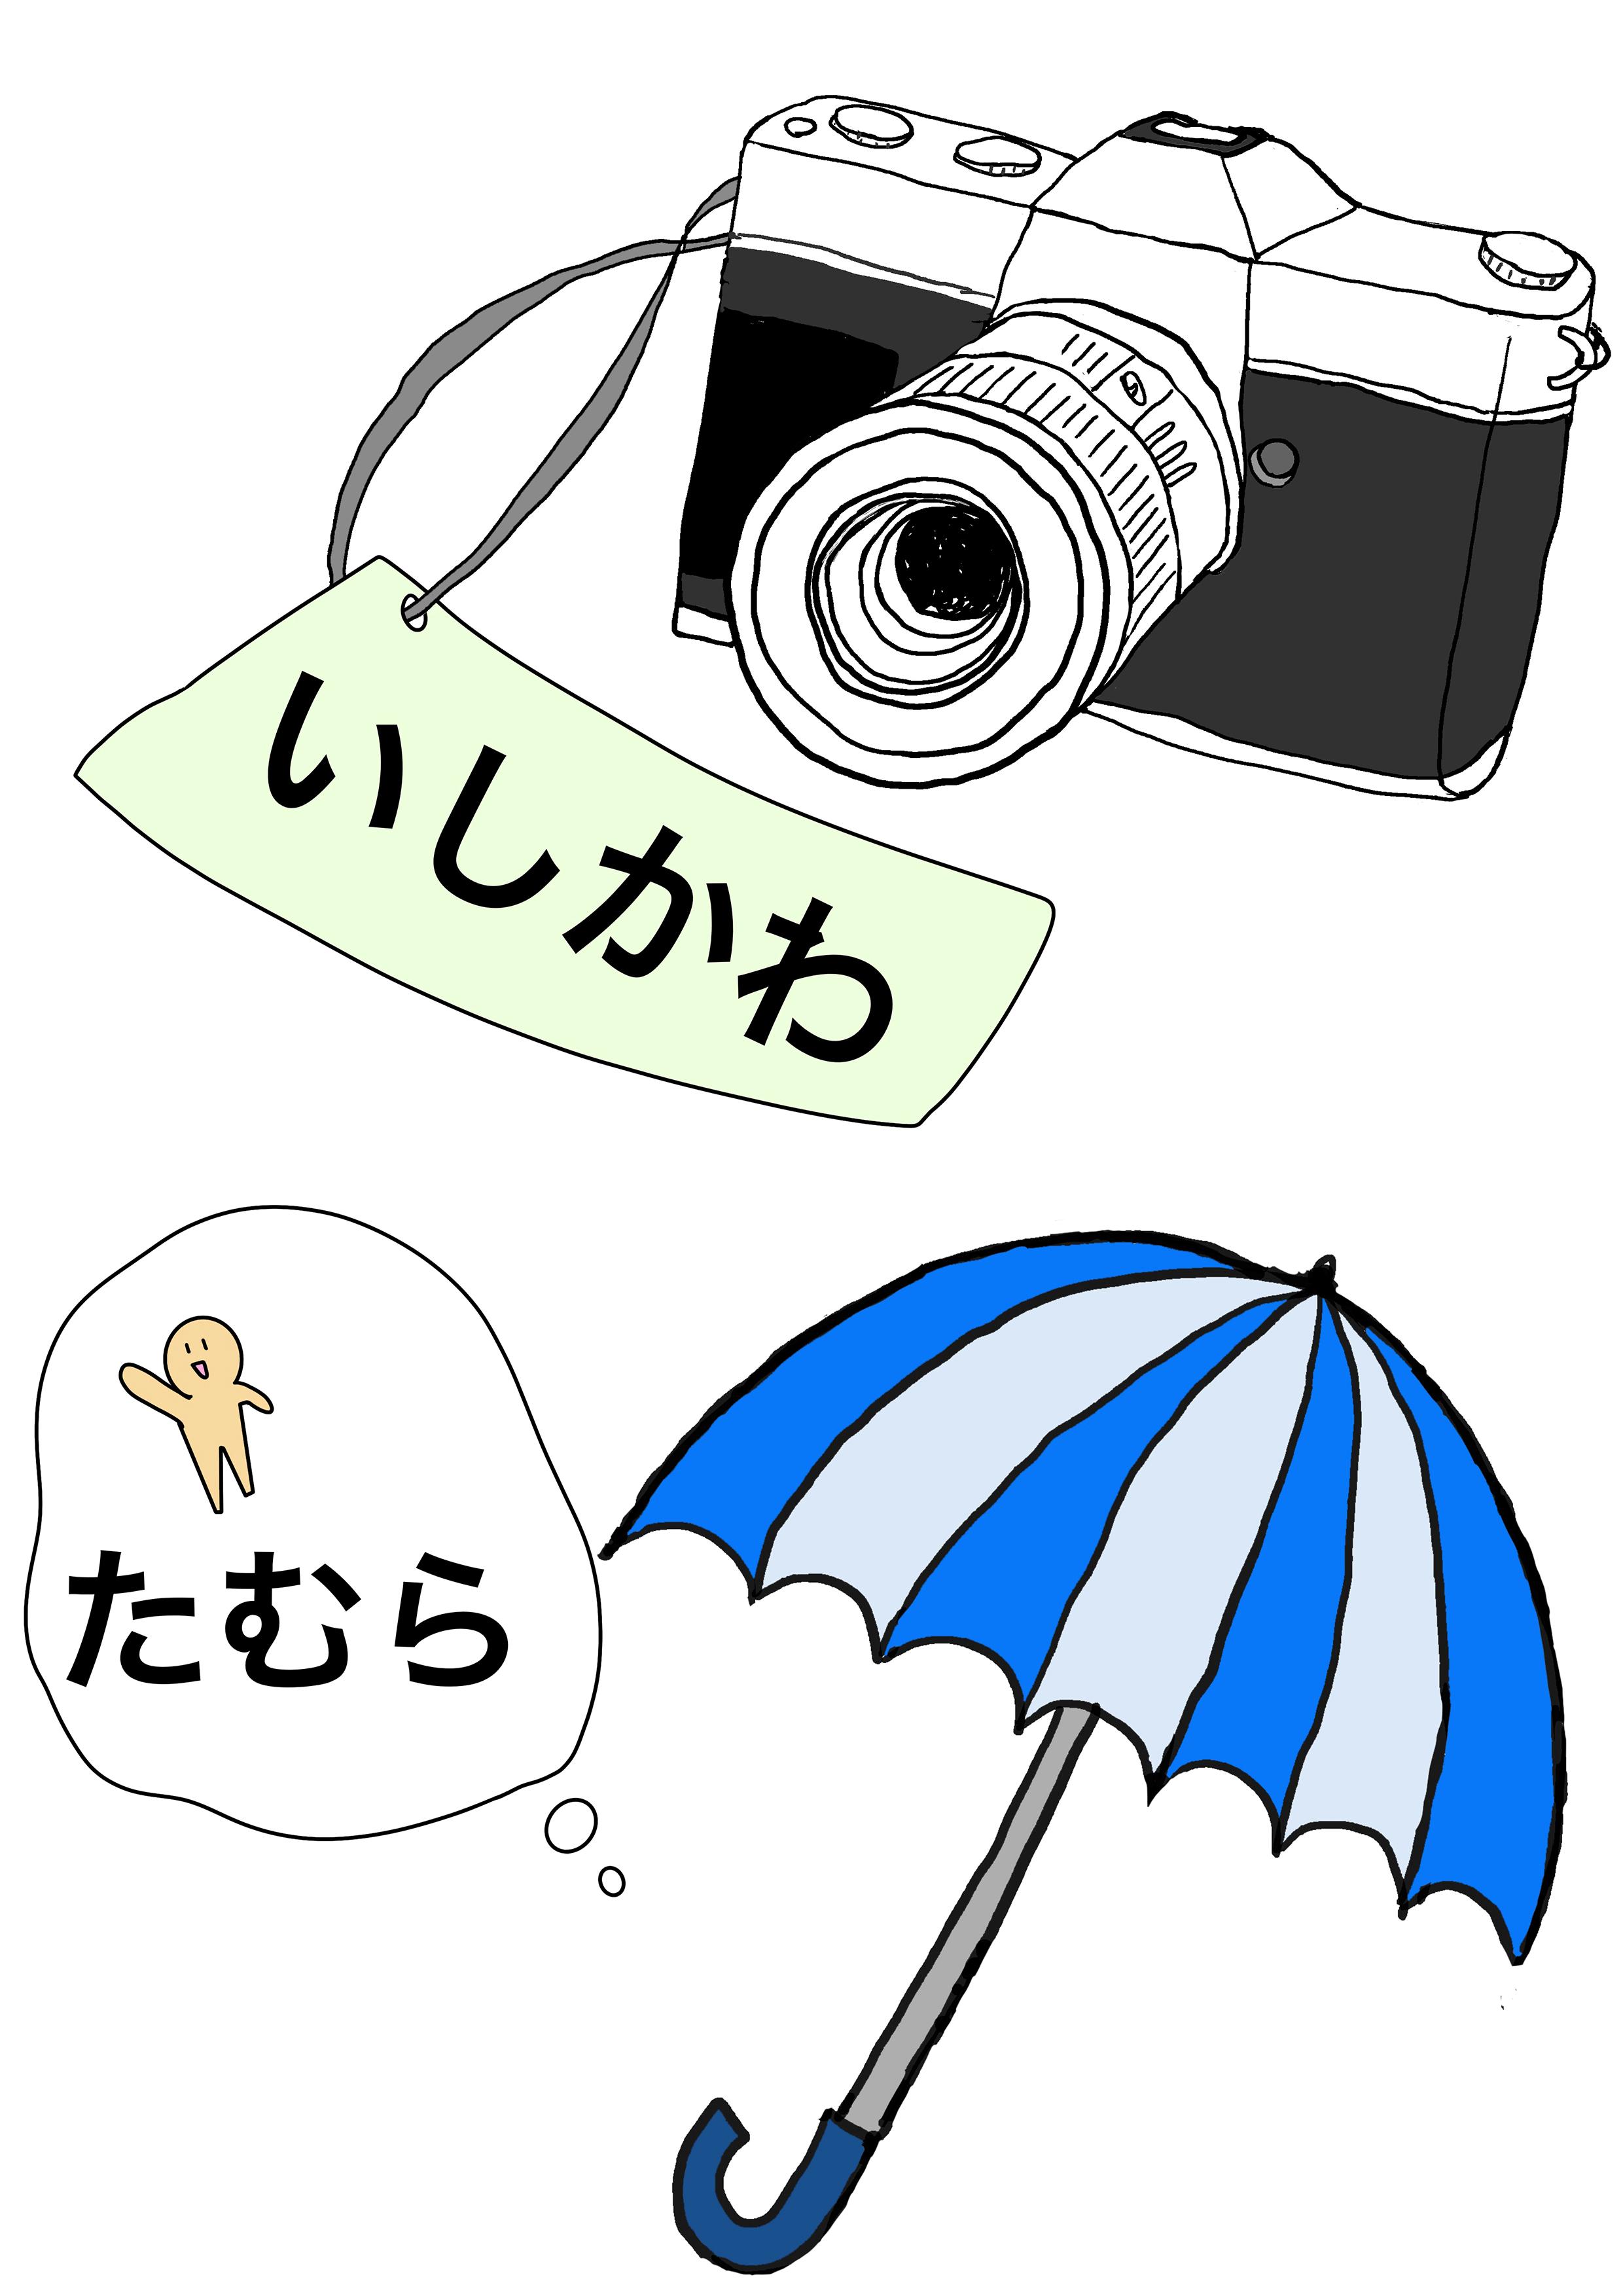 2課イラスト【カメラ/傘】